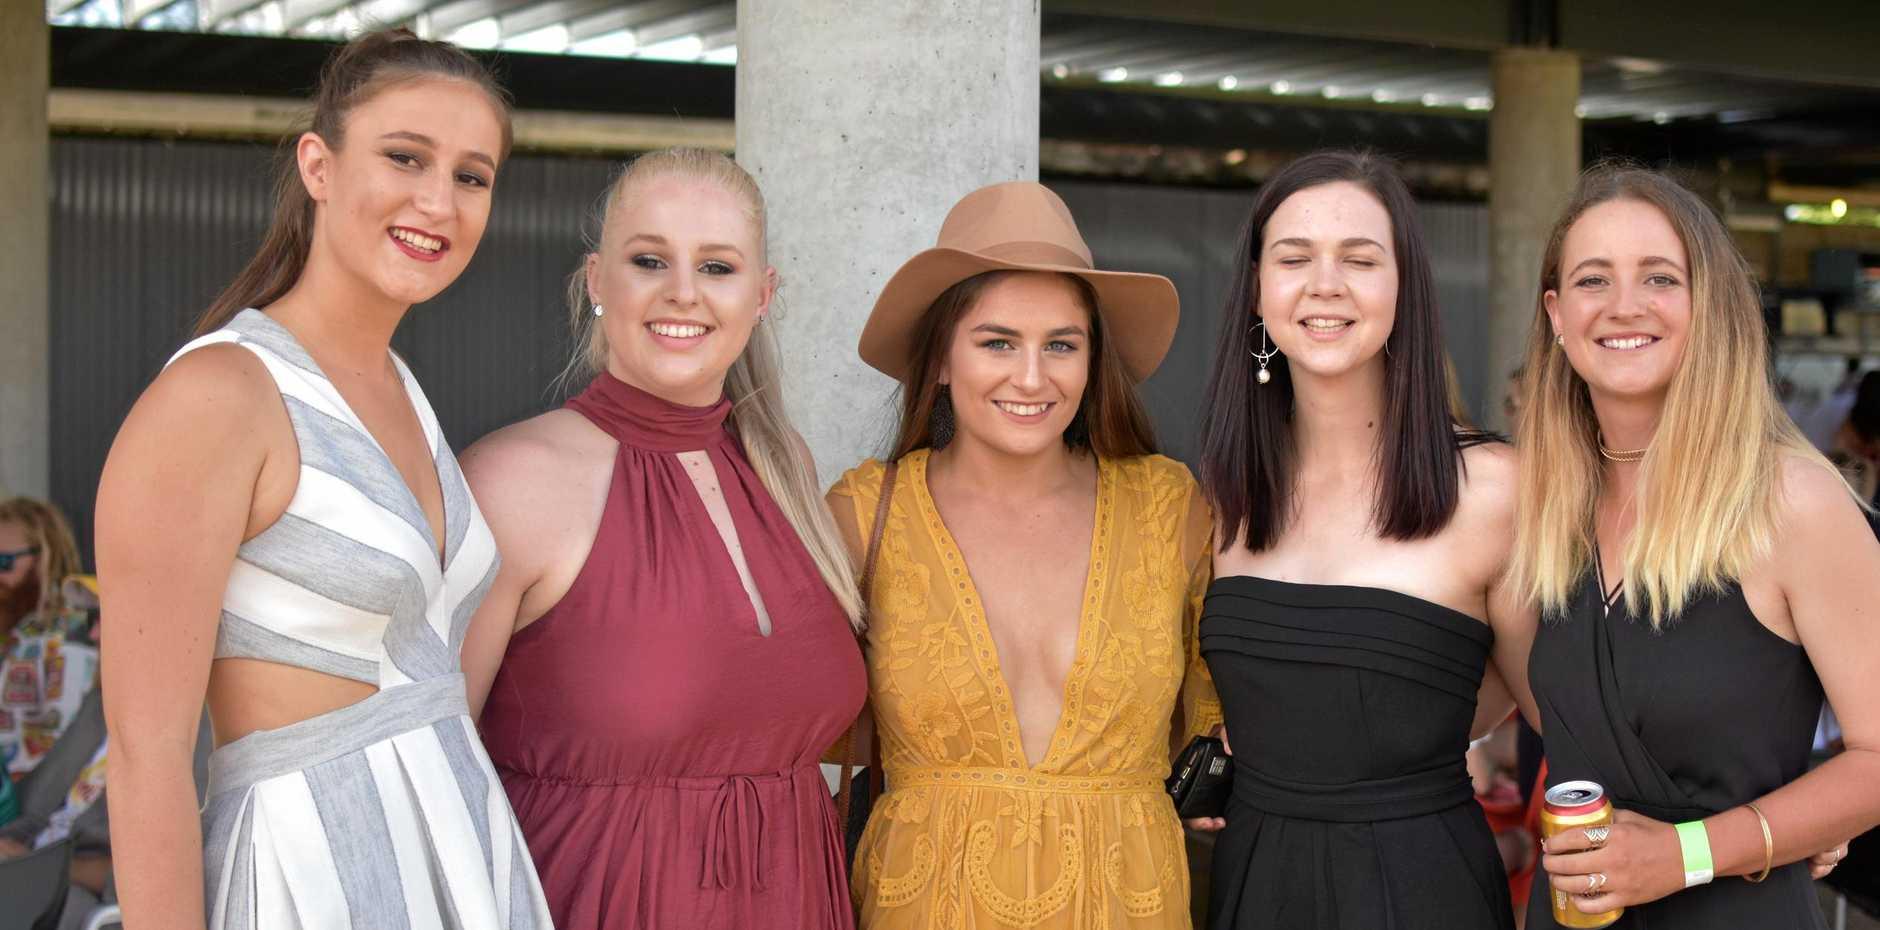 Elise Matherson, Brooke Clarke, Brynie Zeller, Claire Gordon and Karen Ussher.